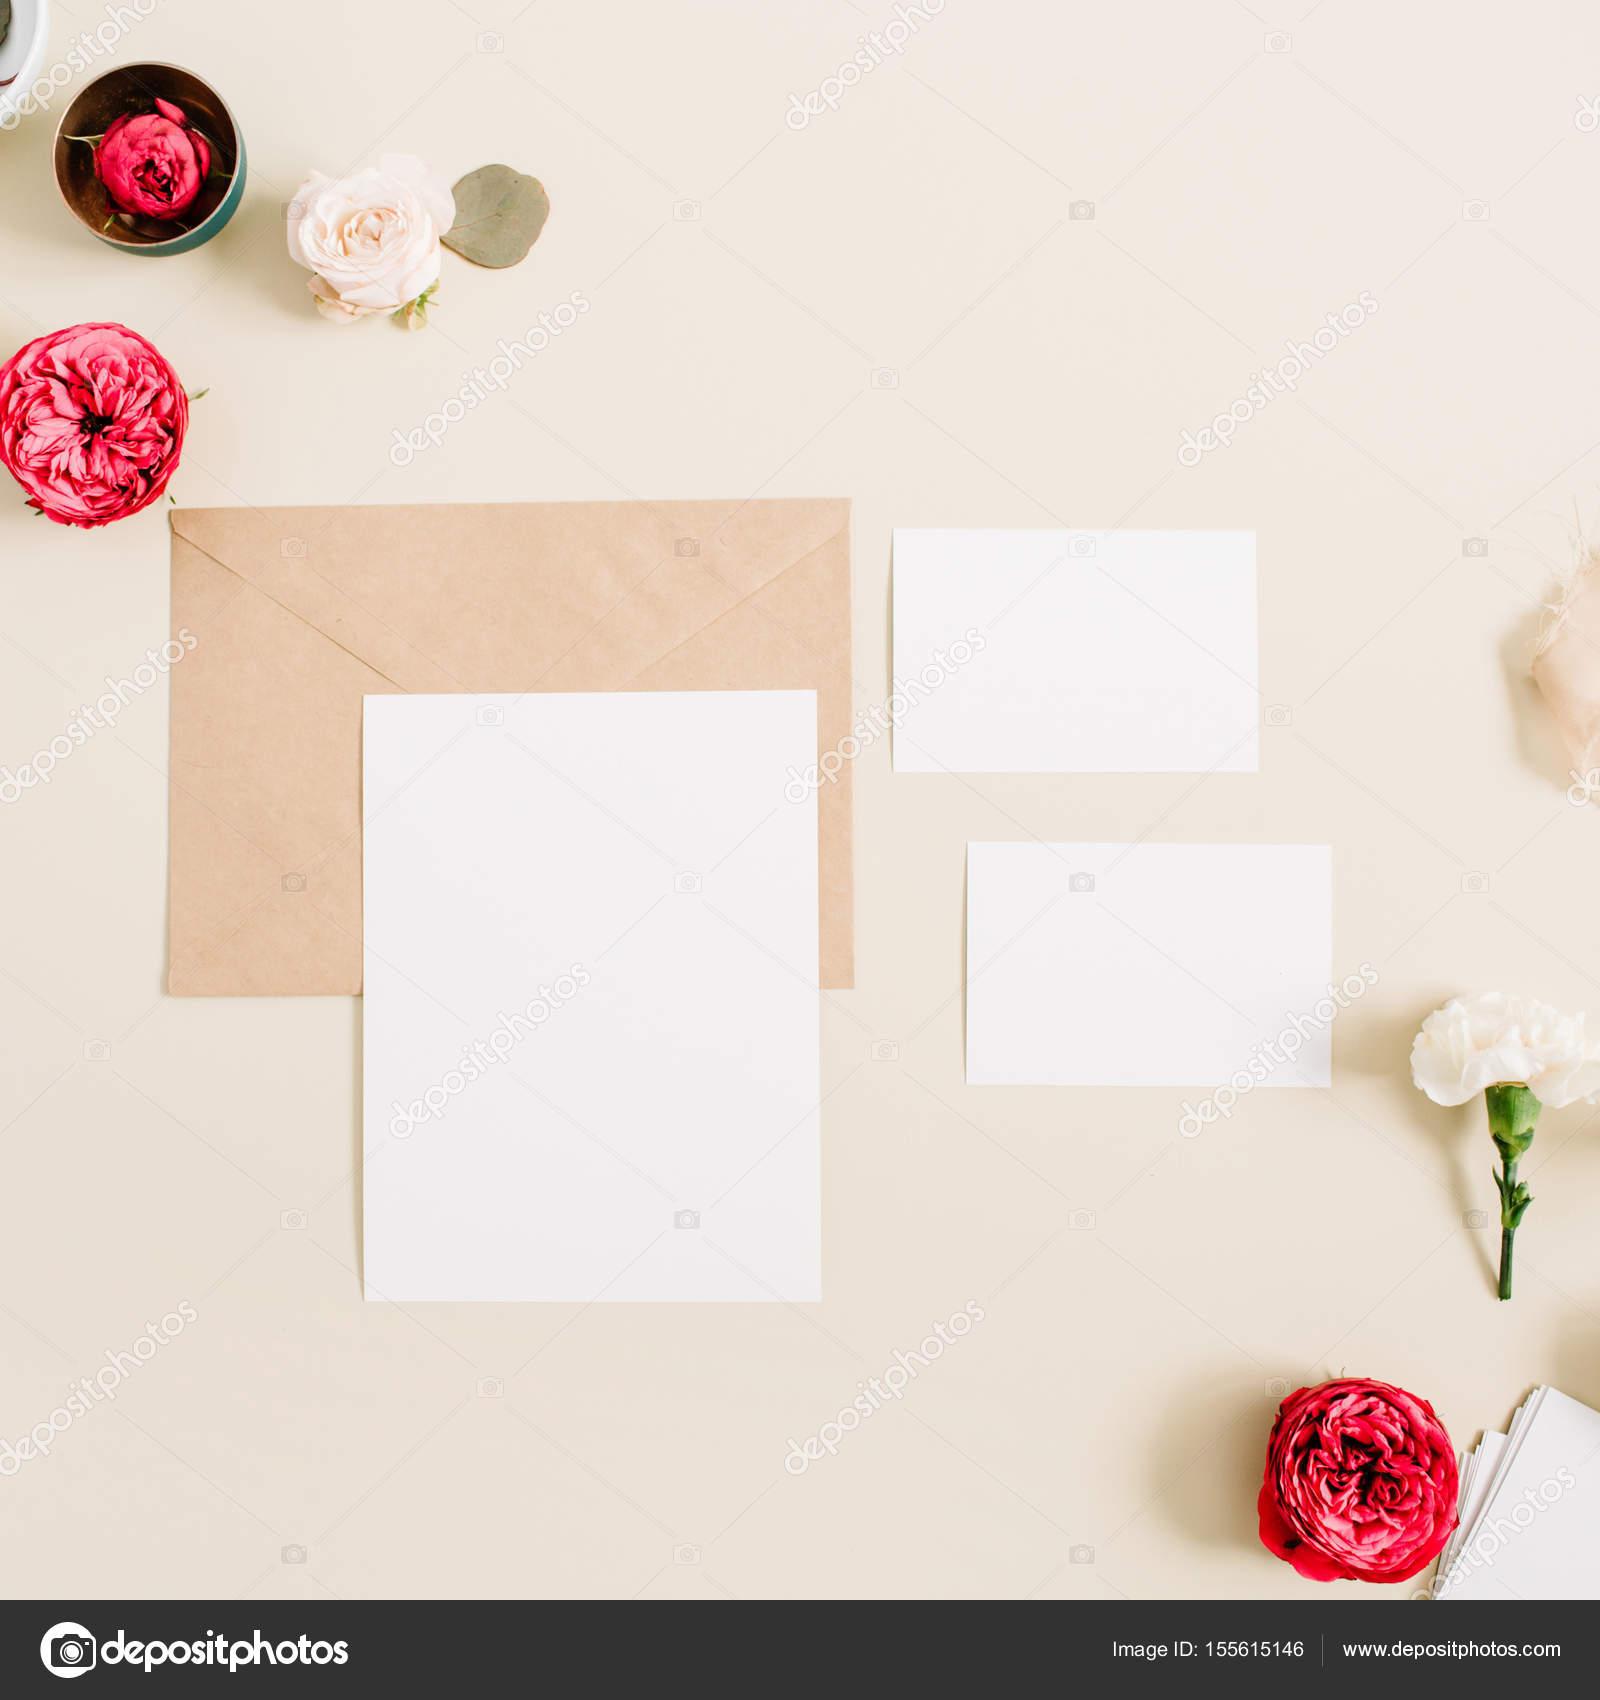 Wedding invitation cards — Stock Photo © maximleshkovich #155615146